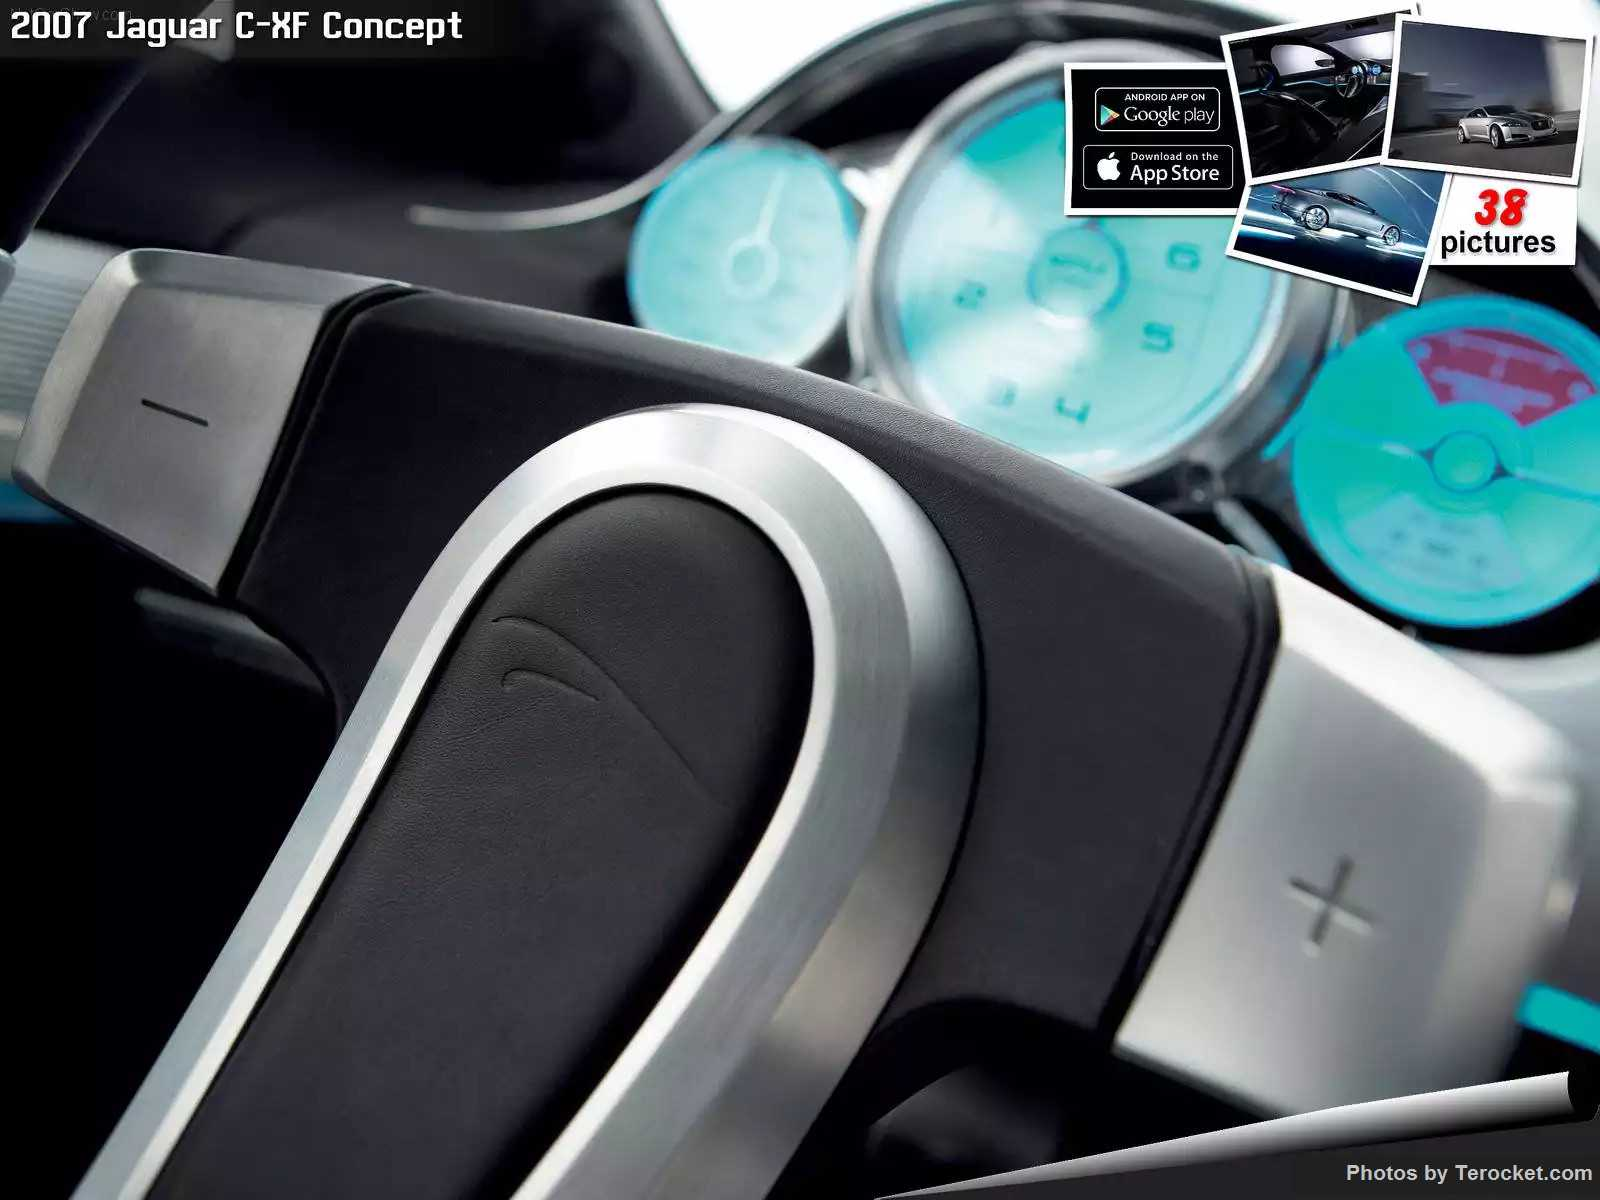 Hình ảnh xe ô tô Jaguar C-XF Concept 2007 & nội ngoại thất